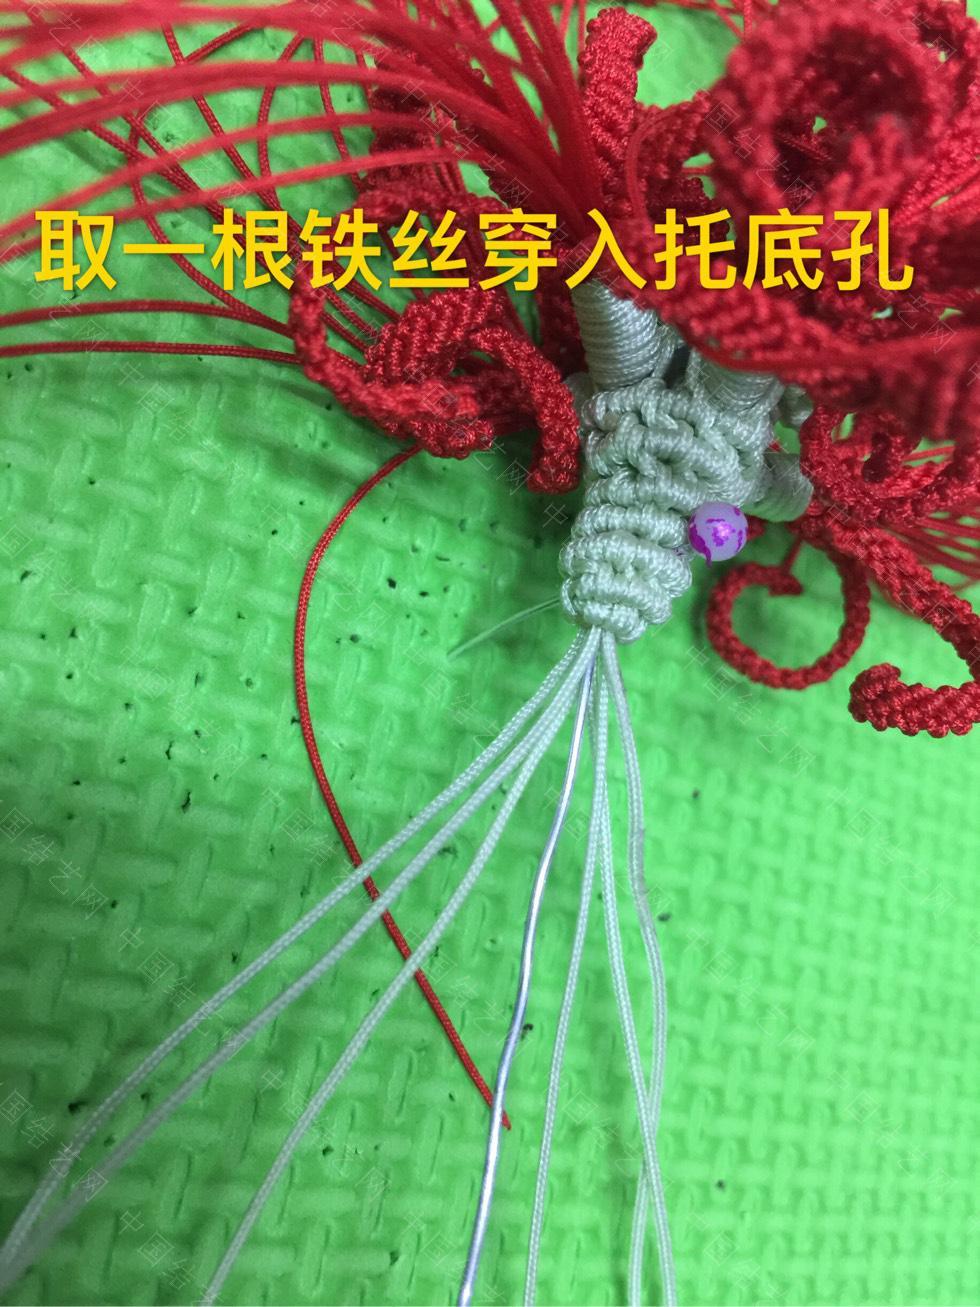 中国结论坛 曼珠沙华升级版完成图  立体绳结教程与交流区 154946a3hjmsp7m3ums6rm